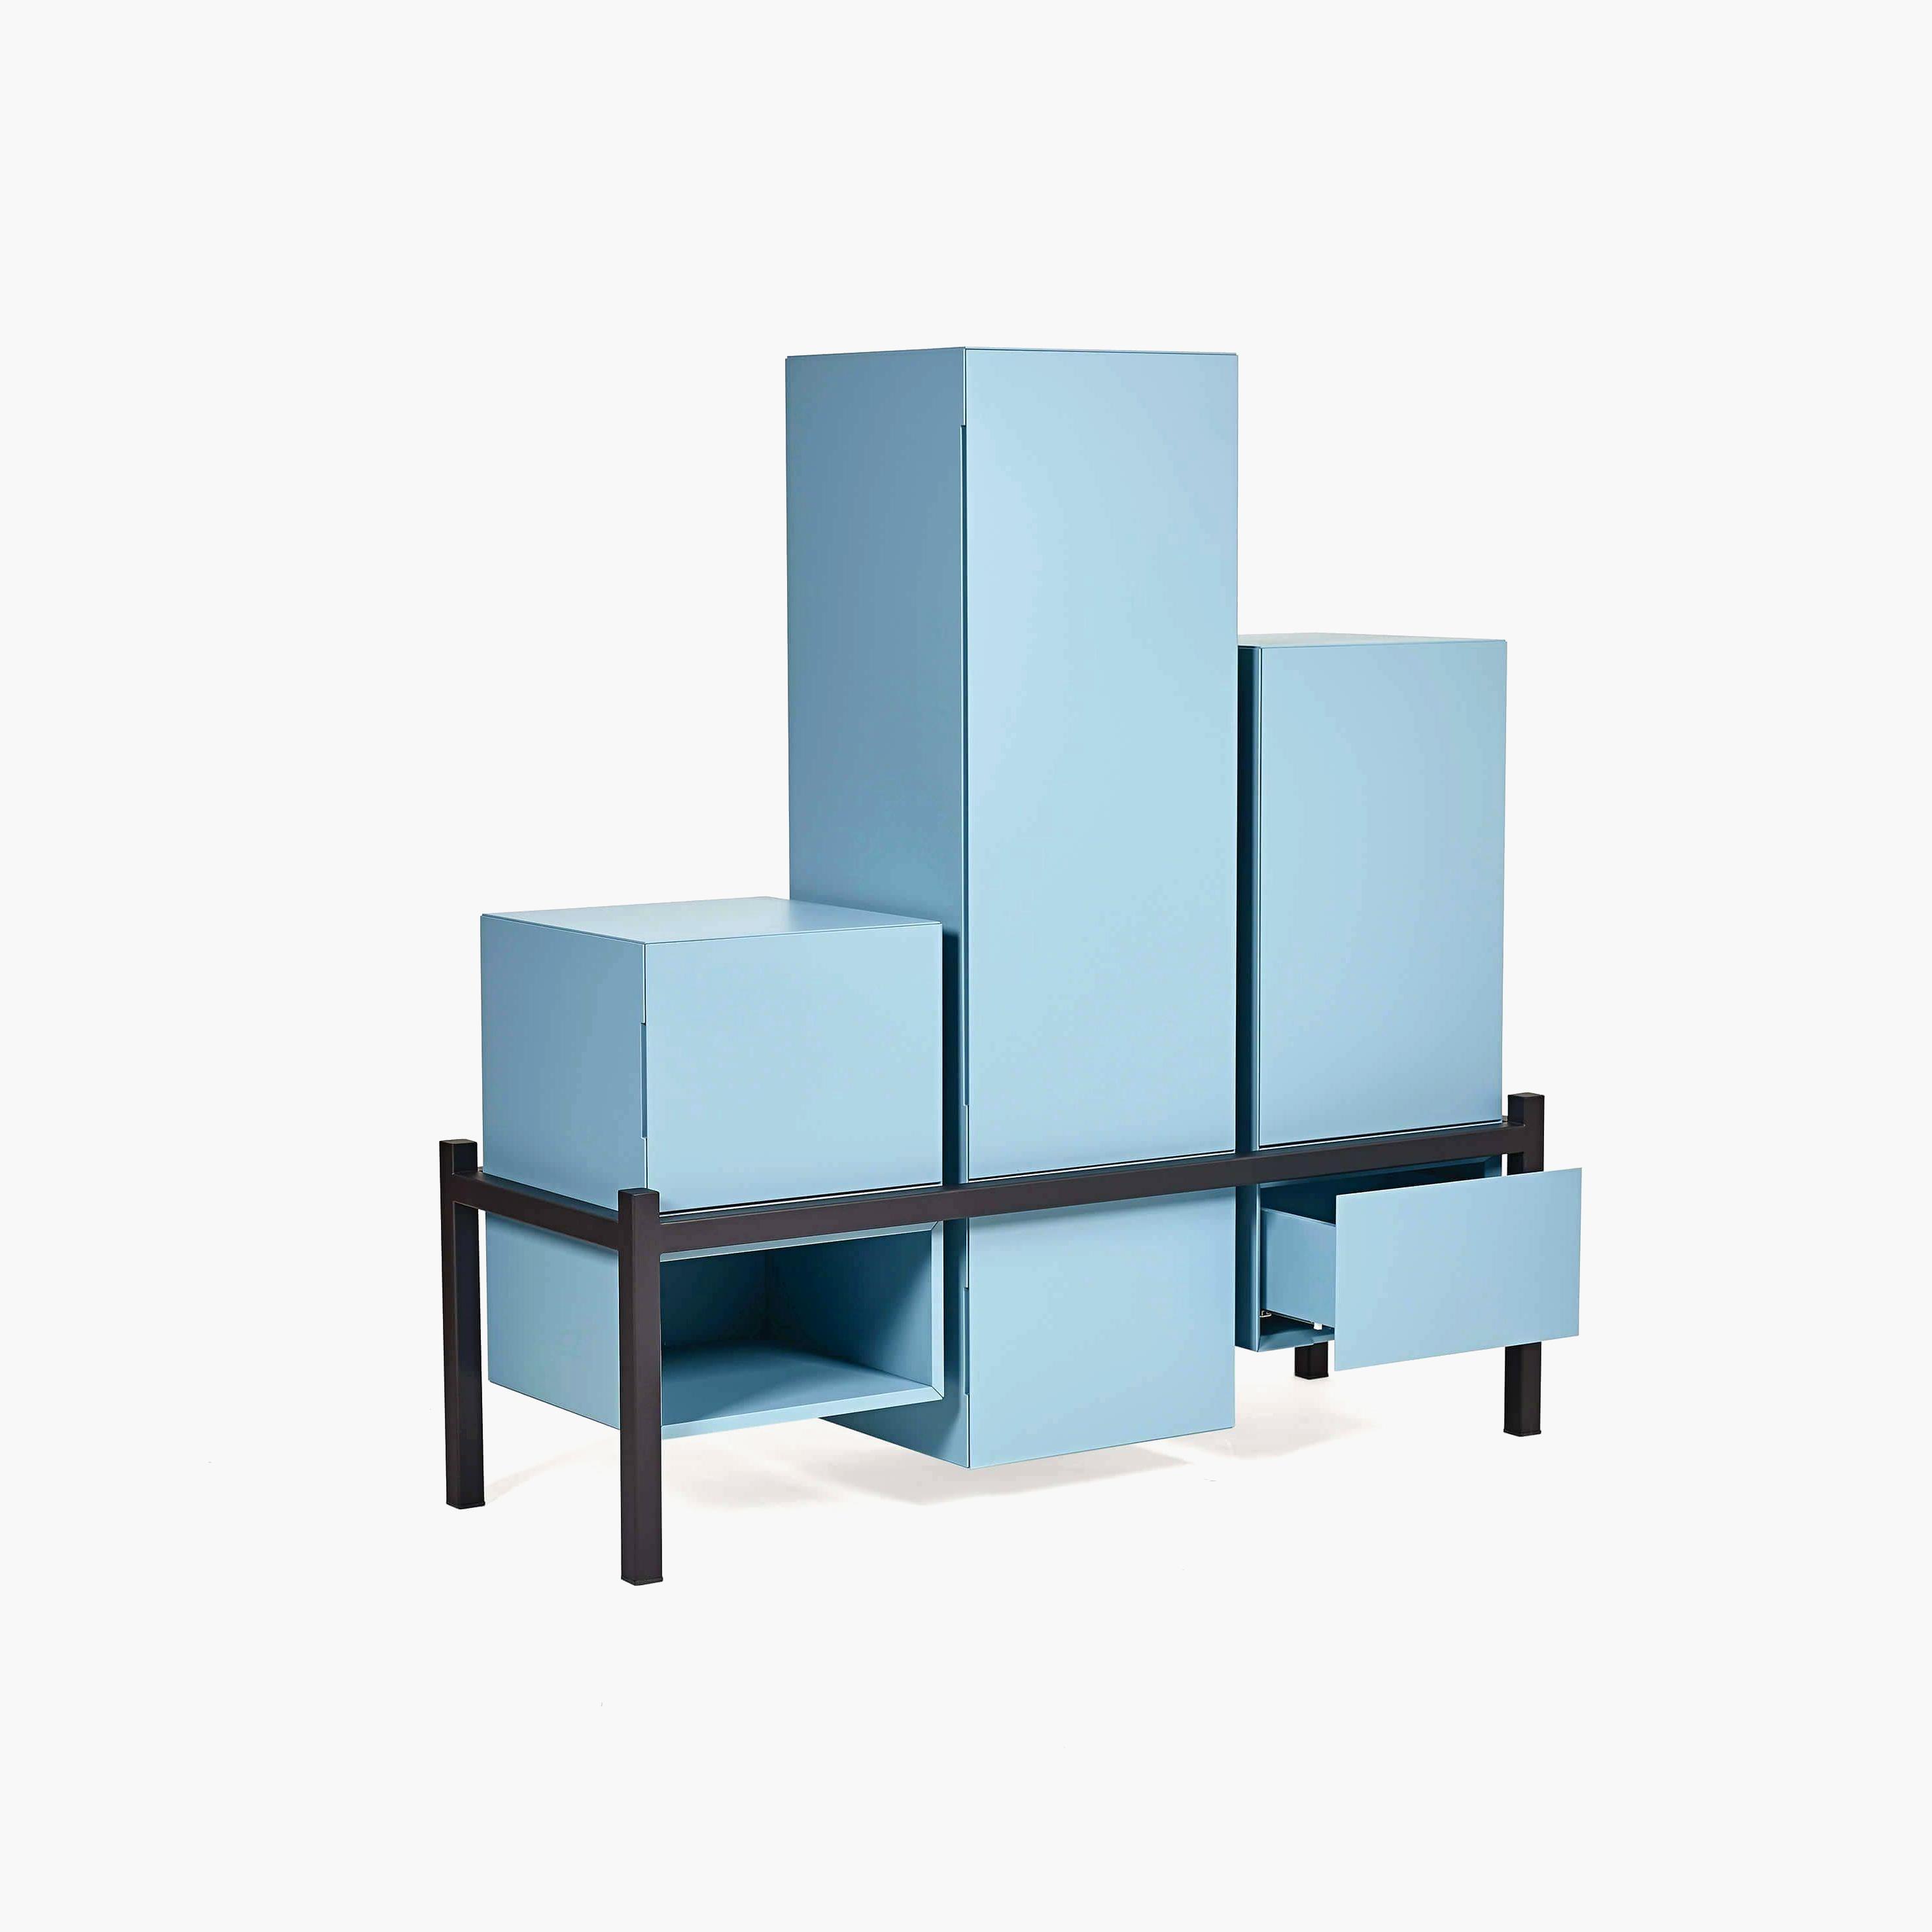 Muebles En Crudo Baratos Zwdg Muebles De Pino Para Pintar Baratos El Superior Ver Muebles En Crudo